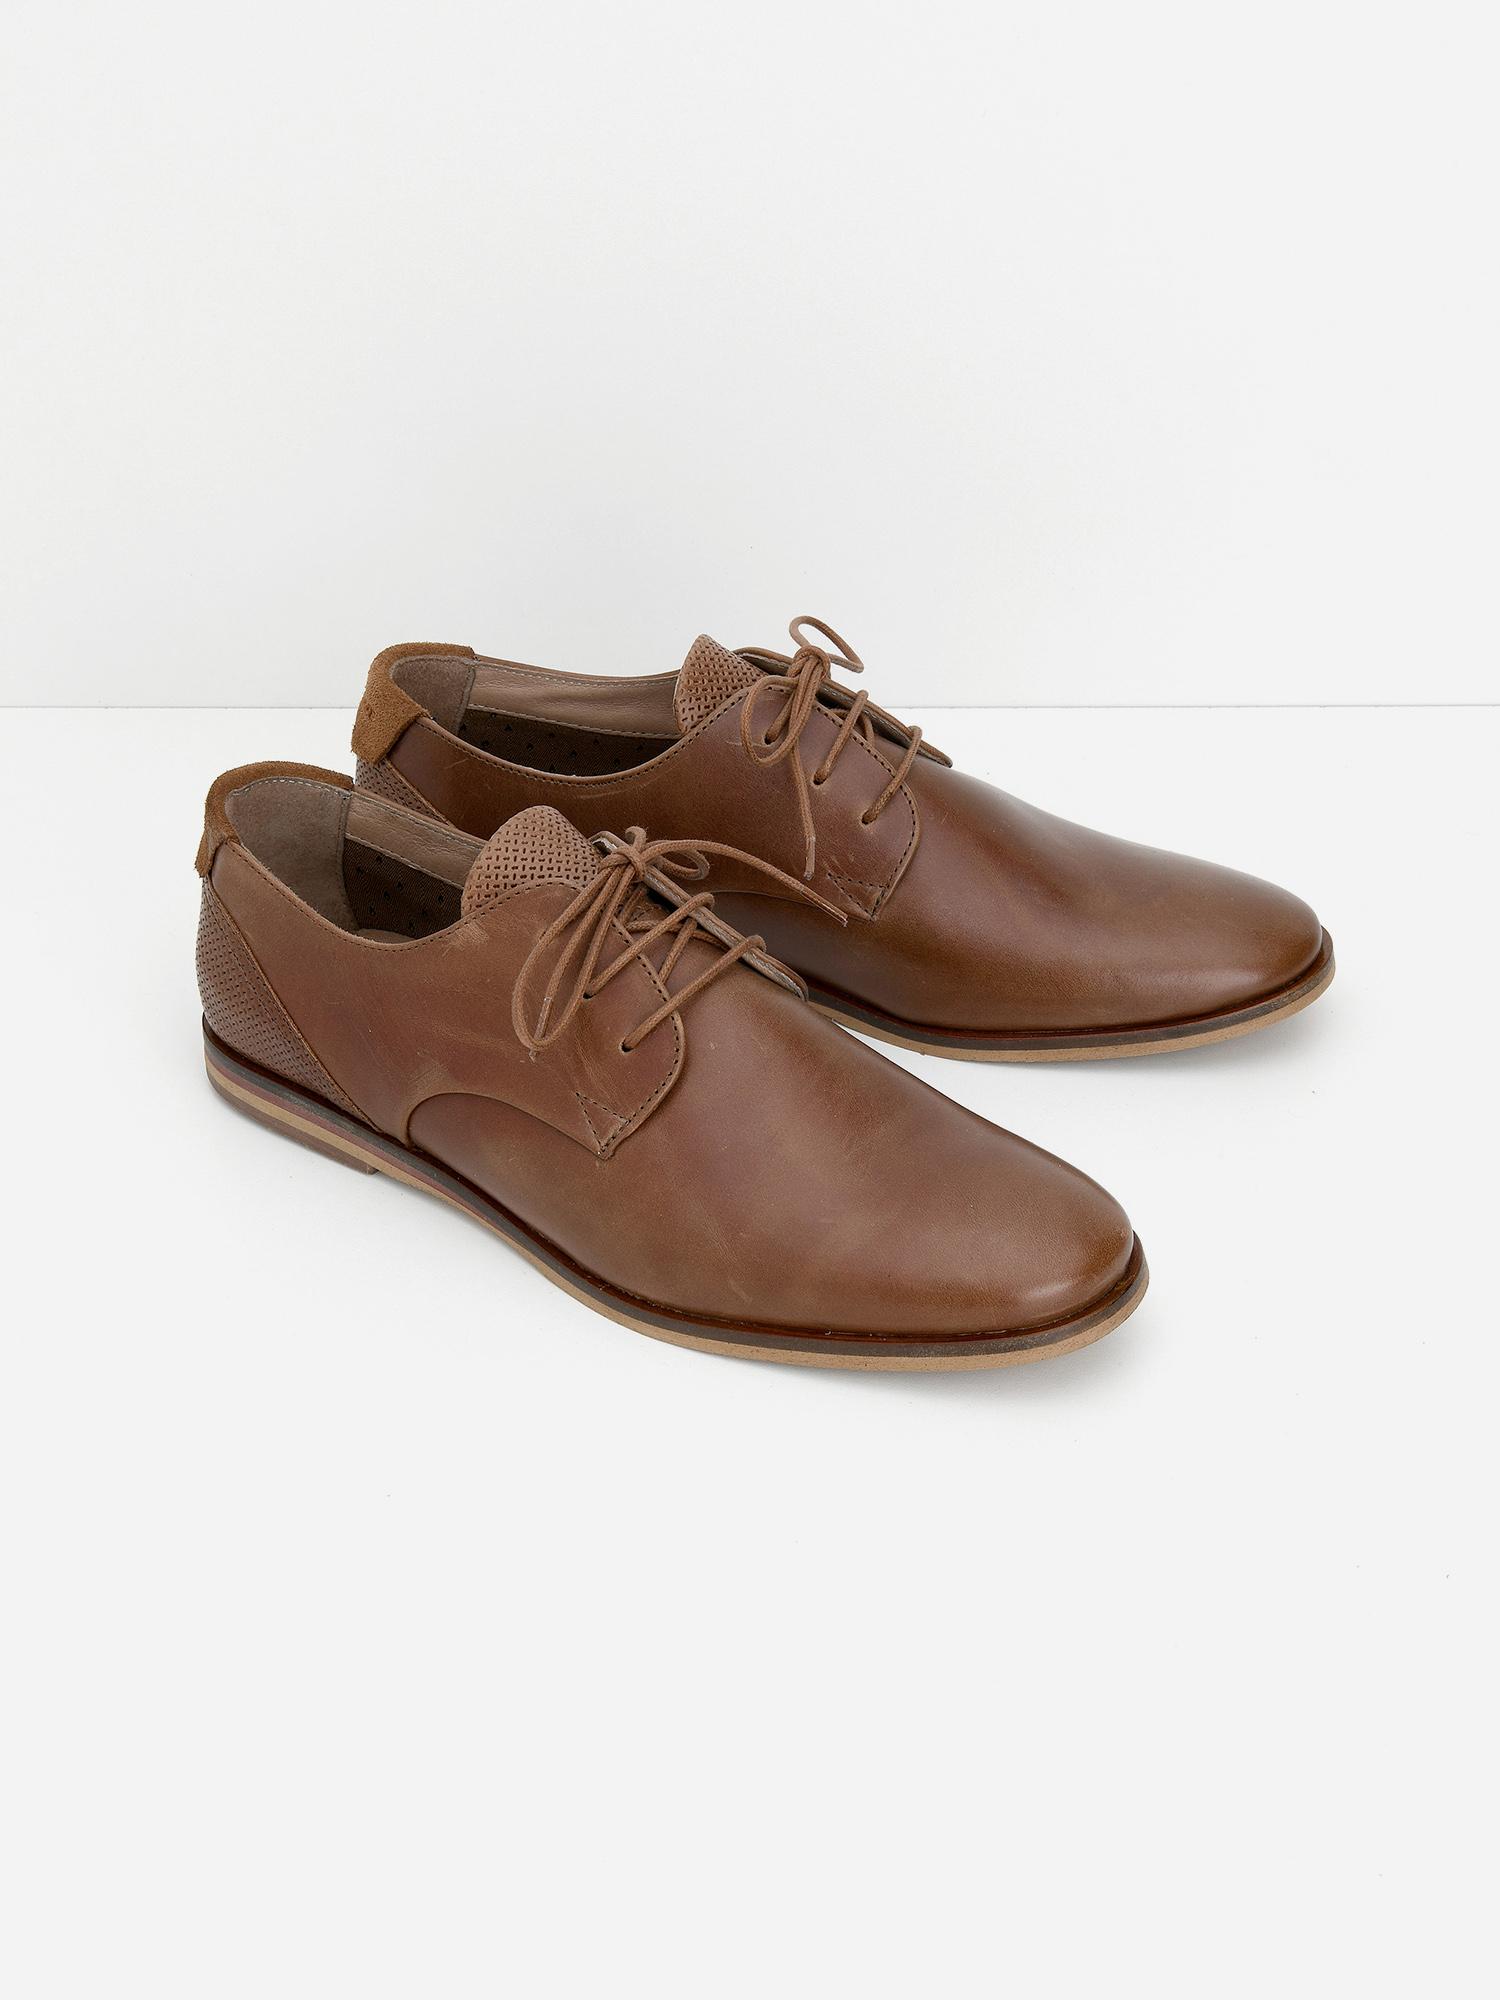 5a42c0d44d7 Chaussure mariage pour homme   que choisir